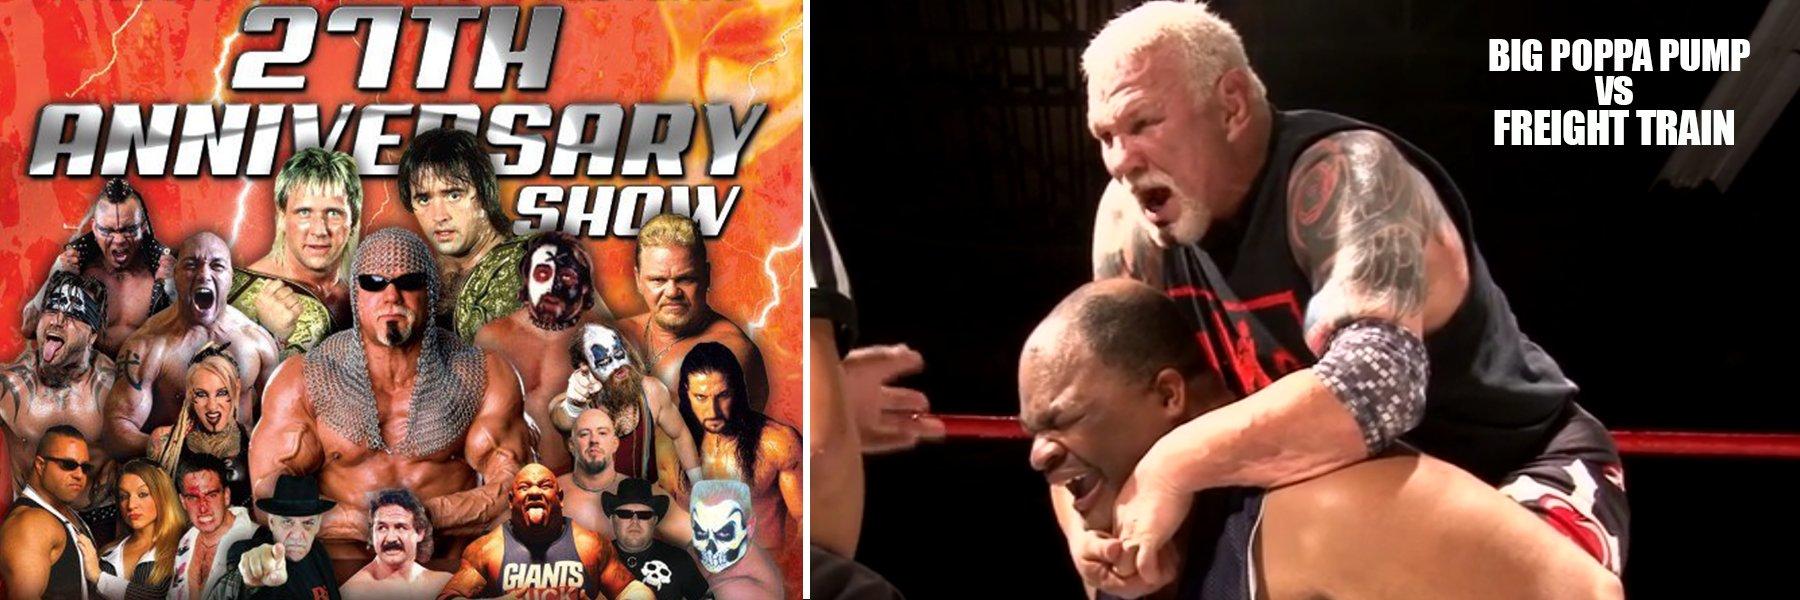 USA Pro Wrestling - 27th Anniversary Show (Scott Steiner vs Freight Train)